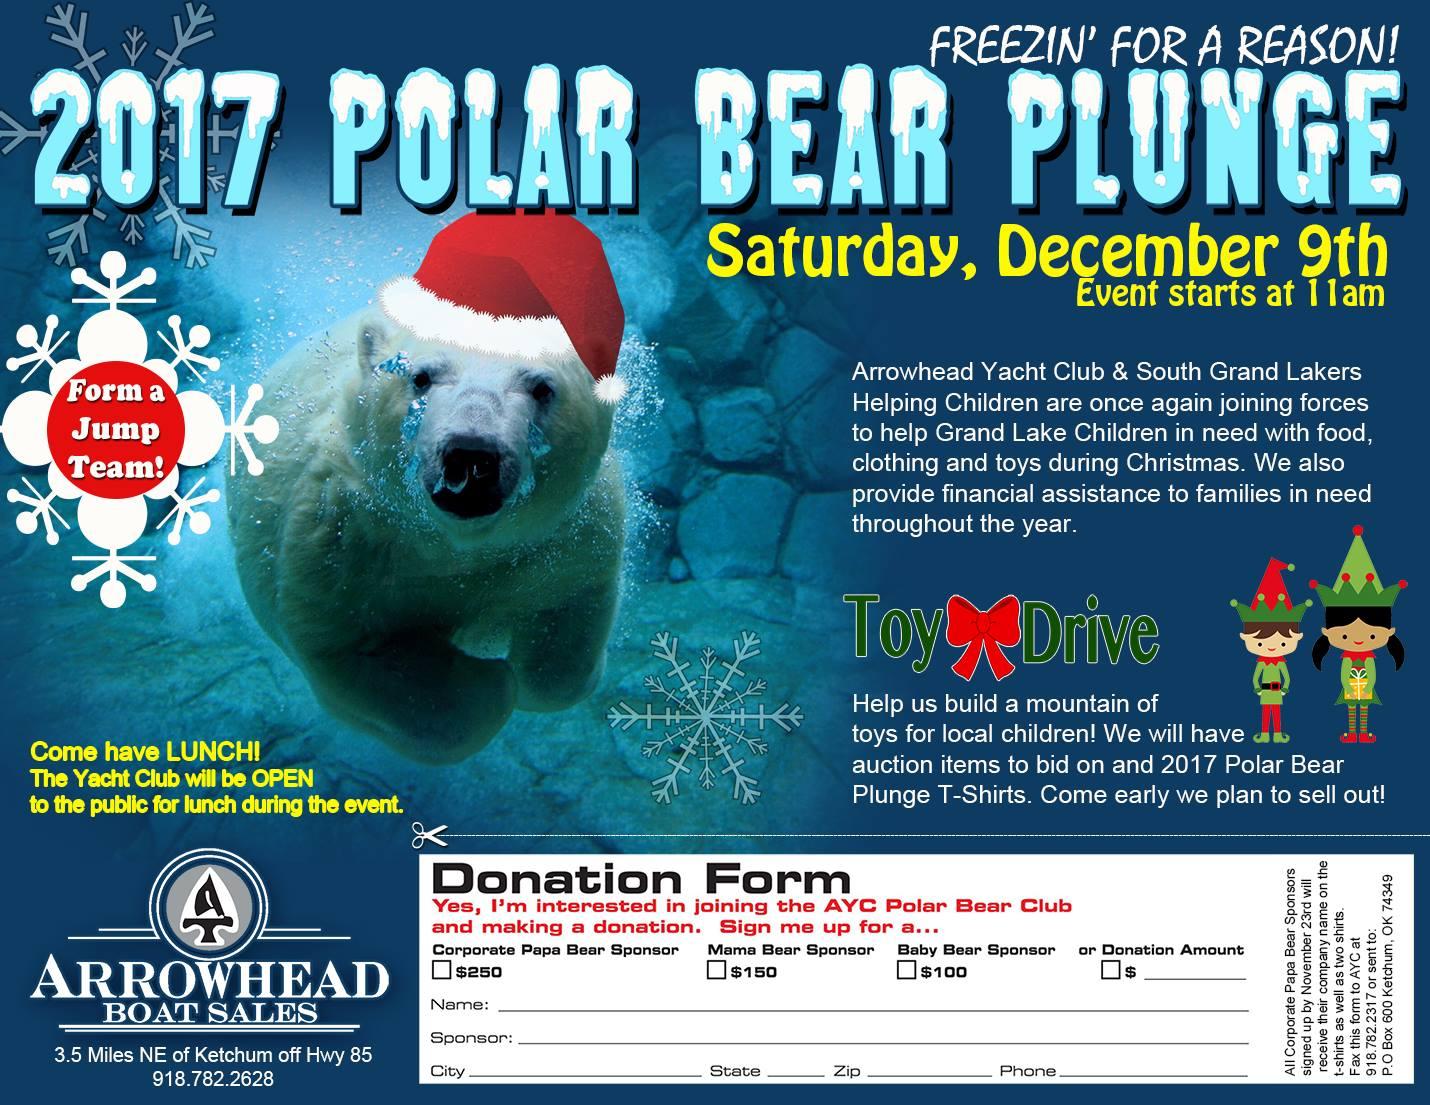 2017 Polar Bear Plunge